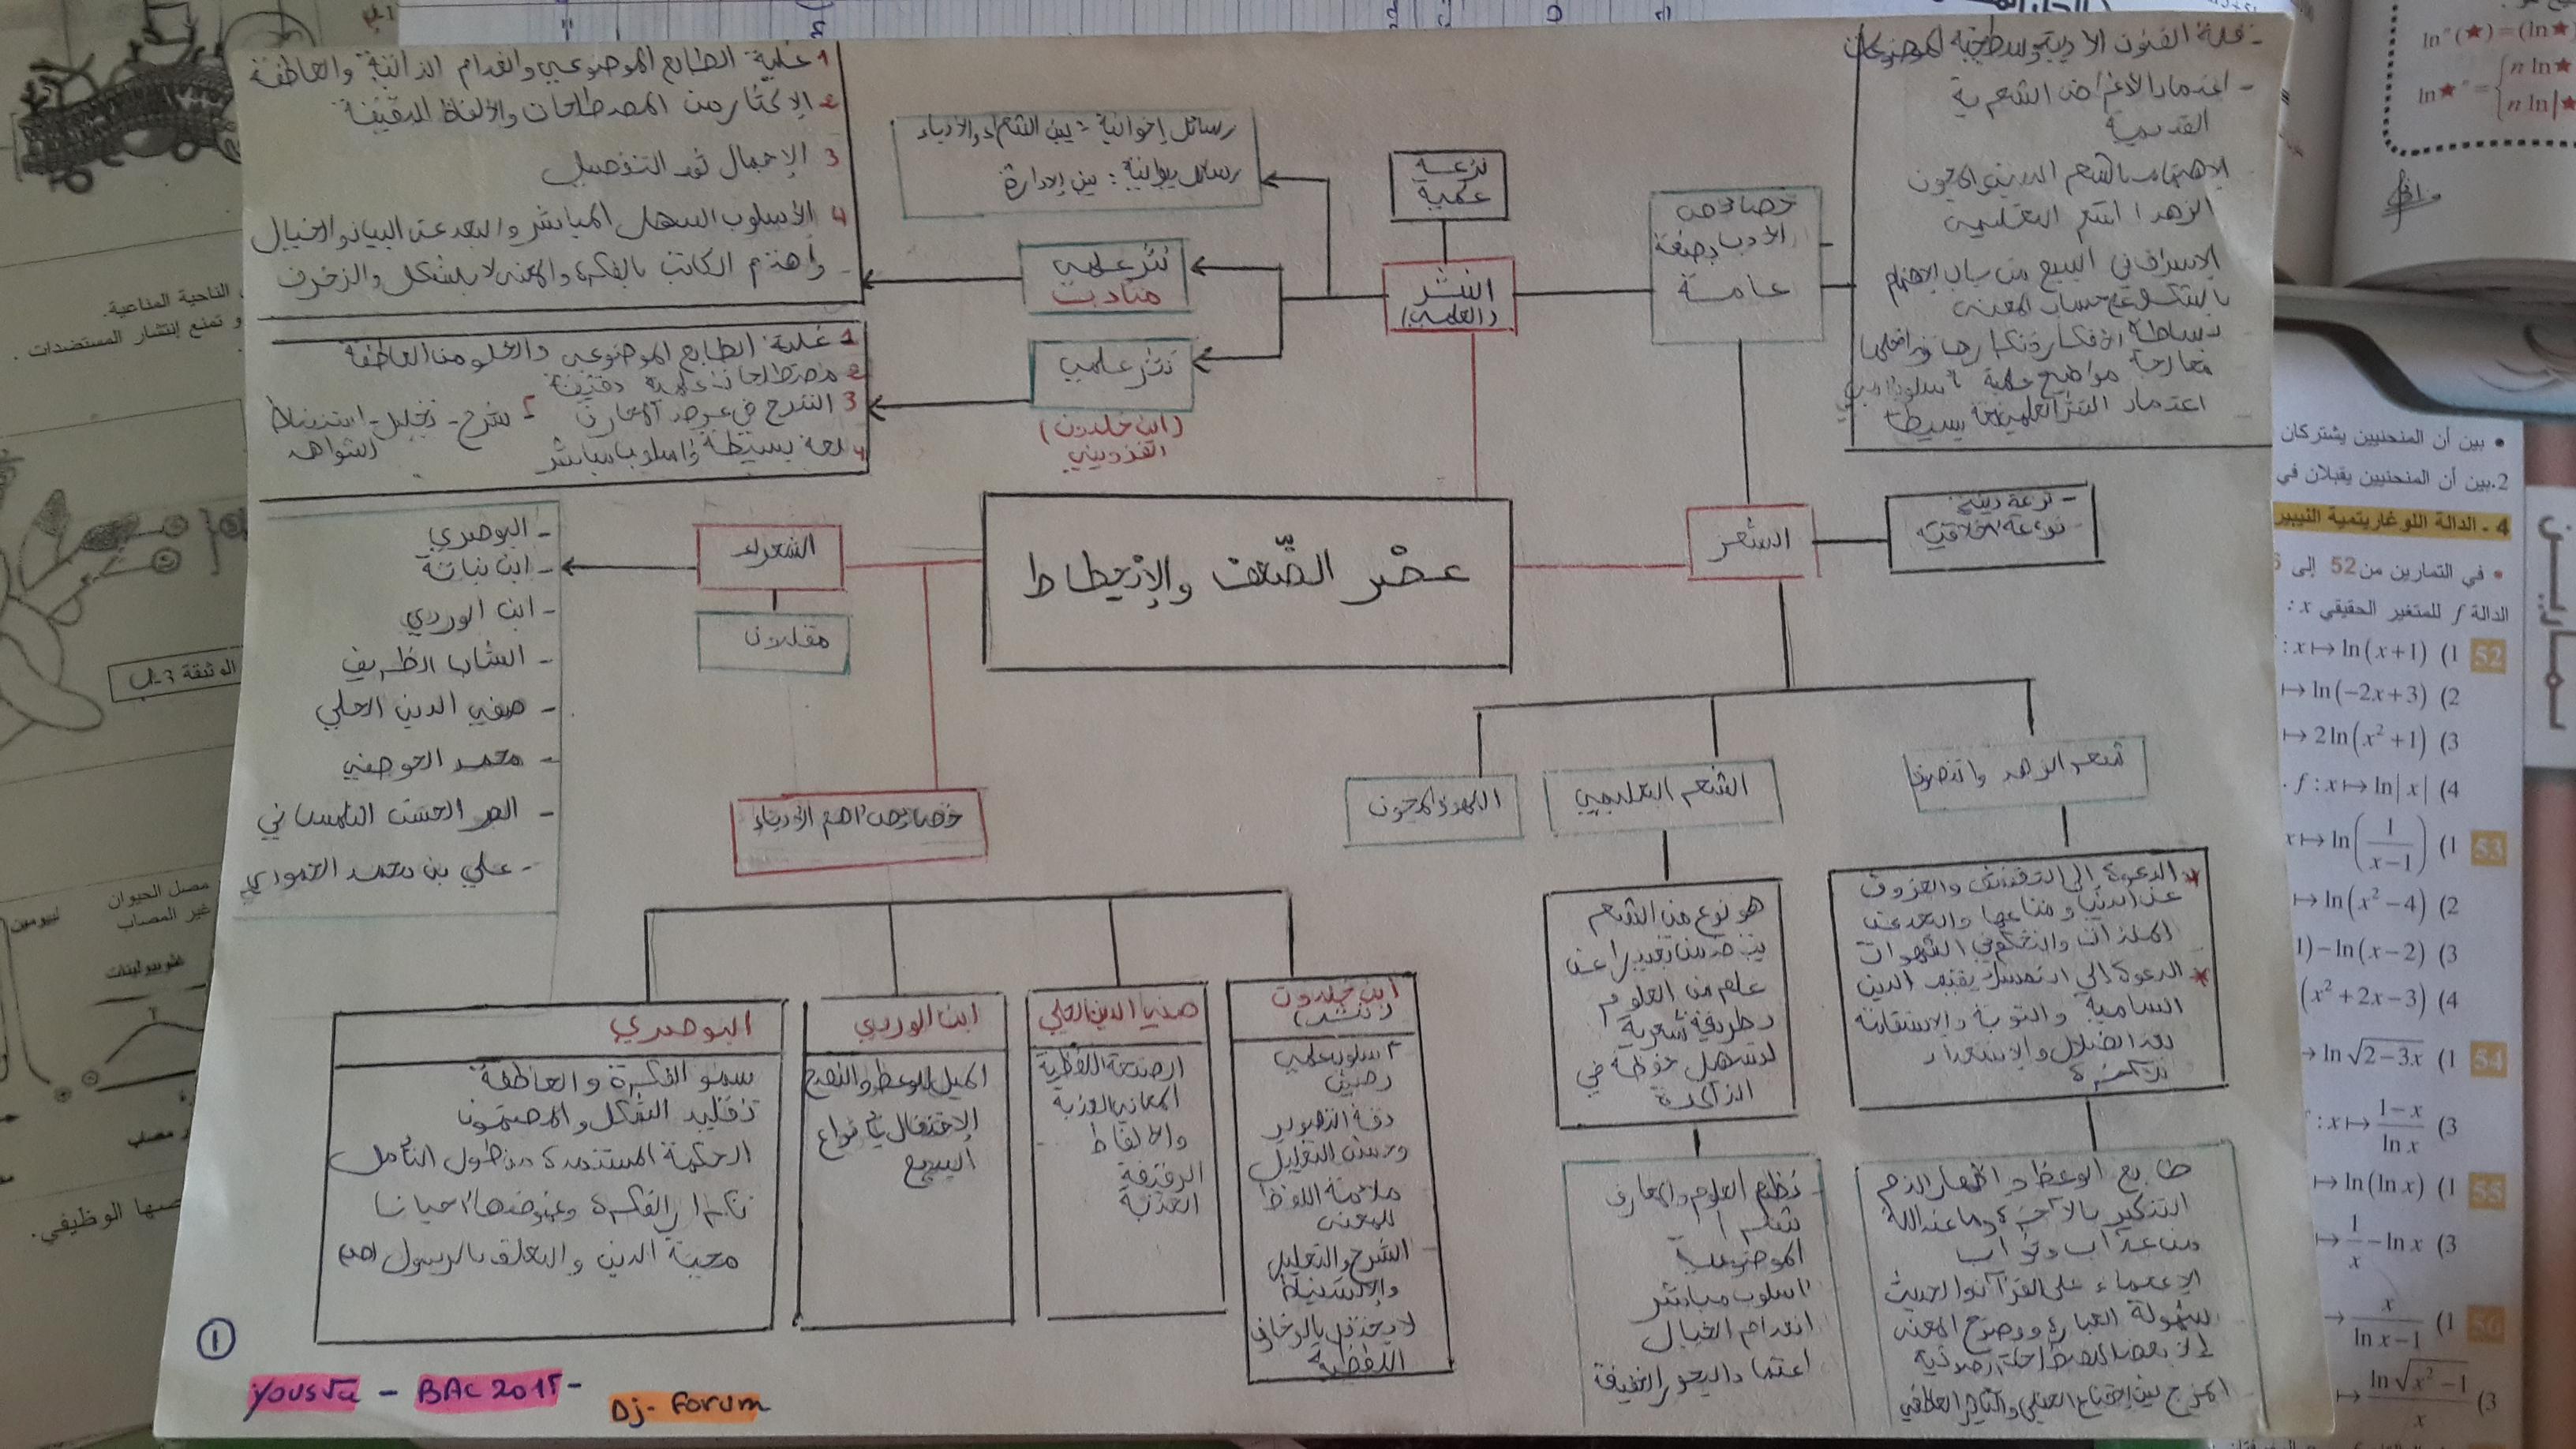 ملخص في الادب العربي 3 ثانوي شعبة علوم تجريبية 684391345.jpg